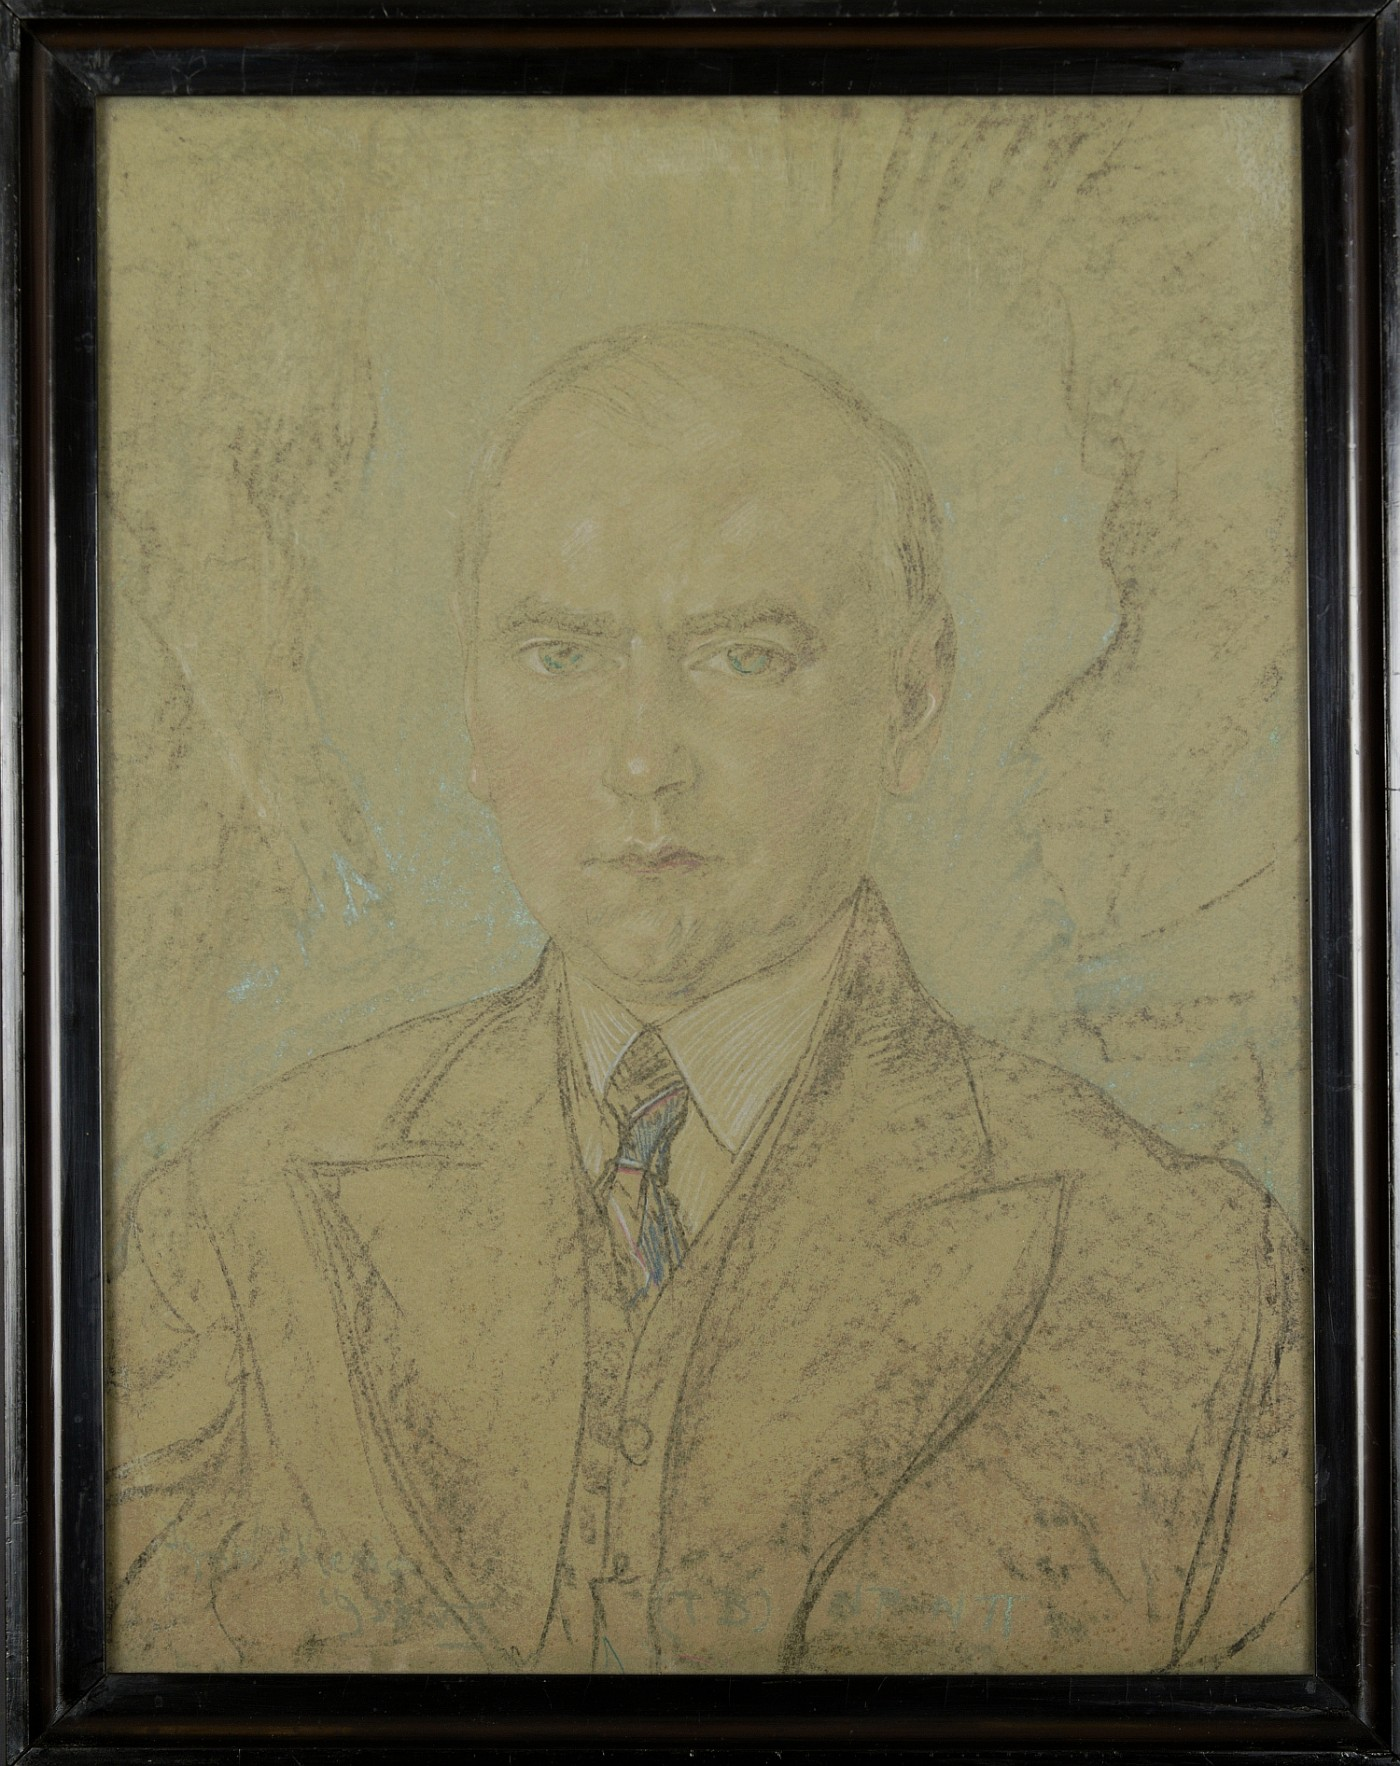 WITKIEWICZ Stanisław Ignacy (WITKACY)